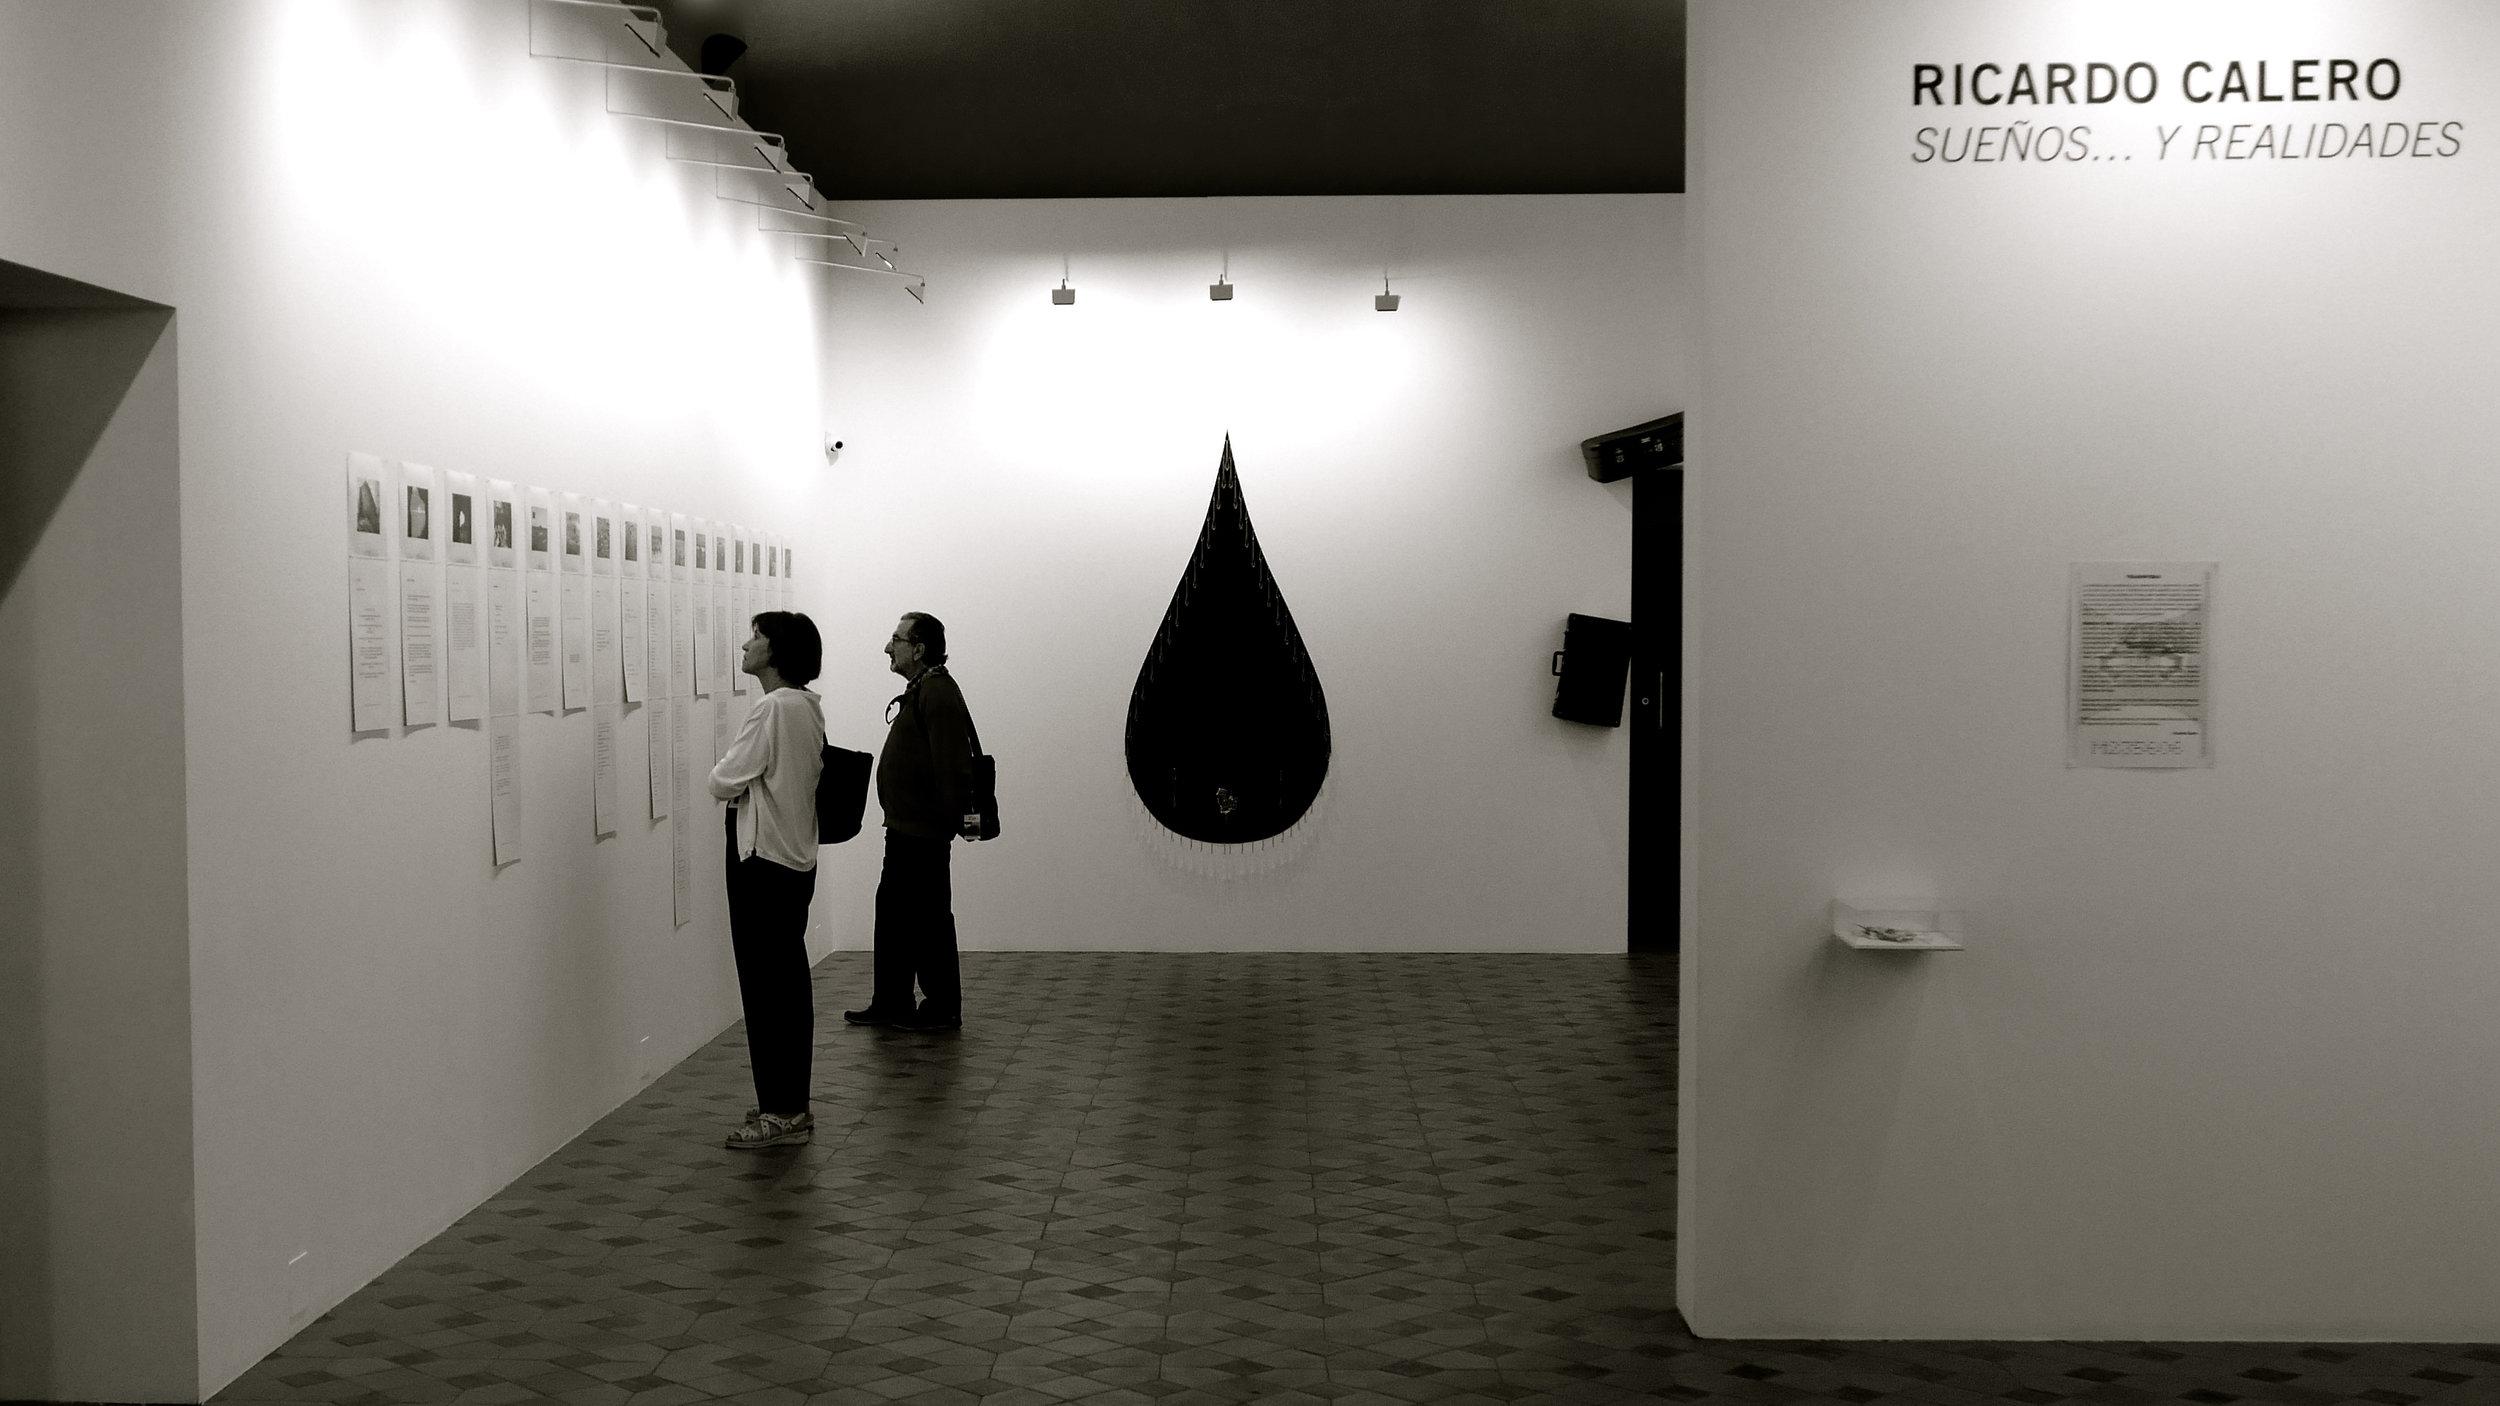 Sueños y realidades Ricardo Calero - 1